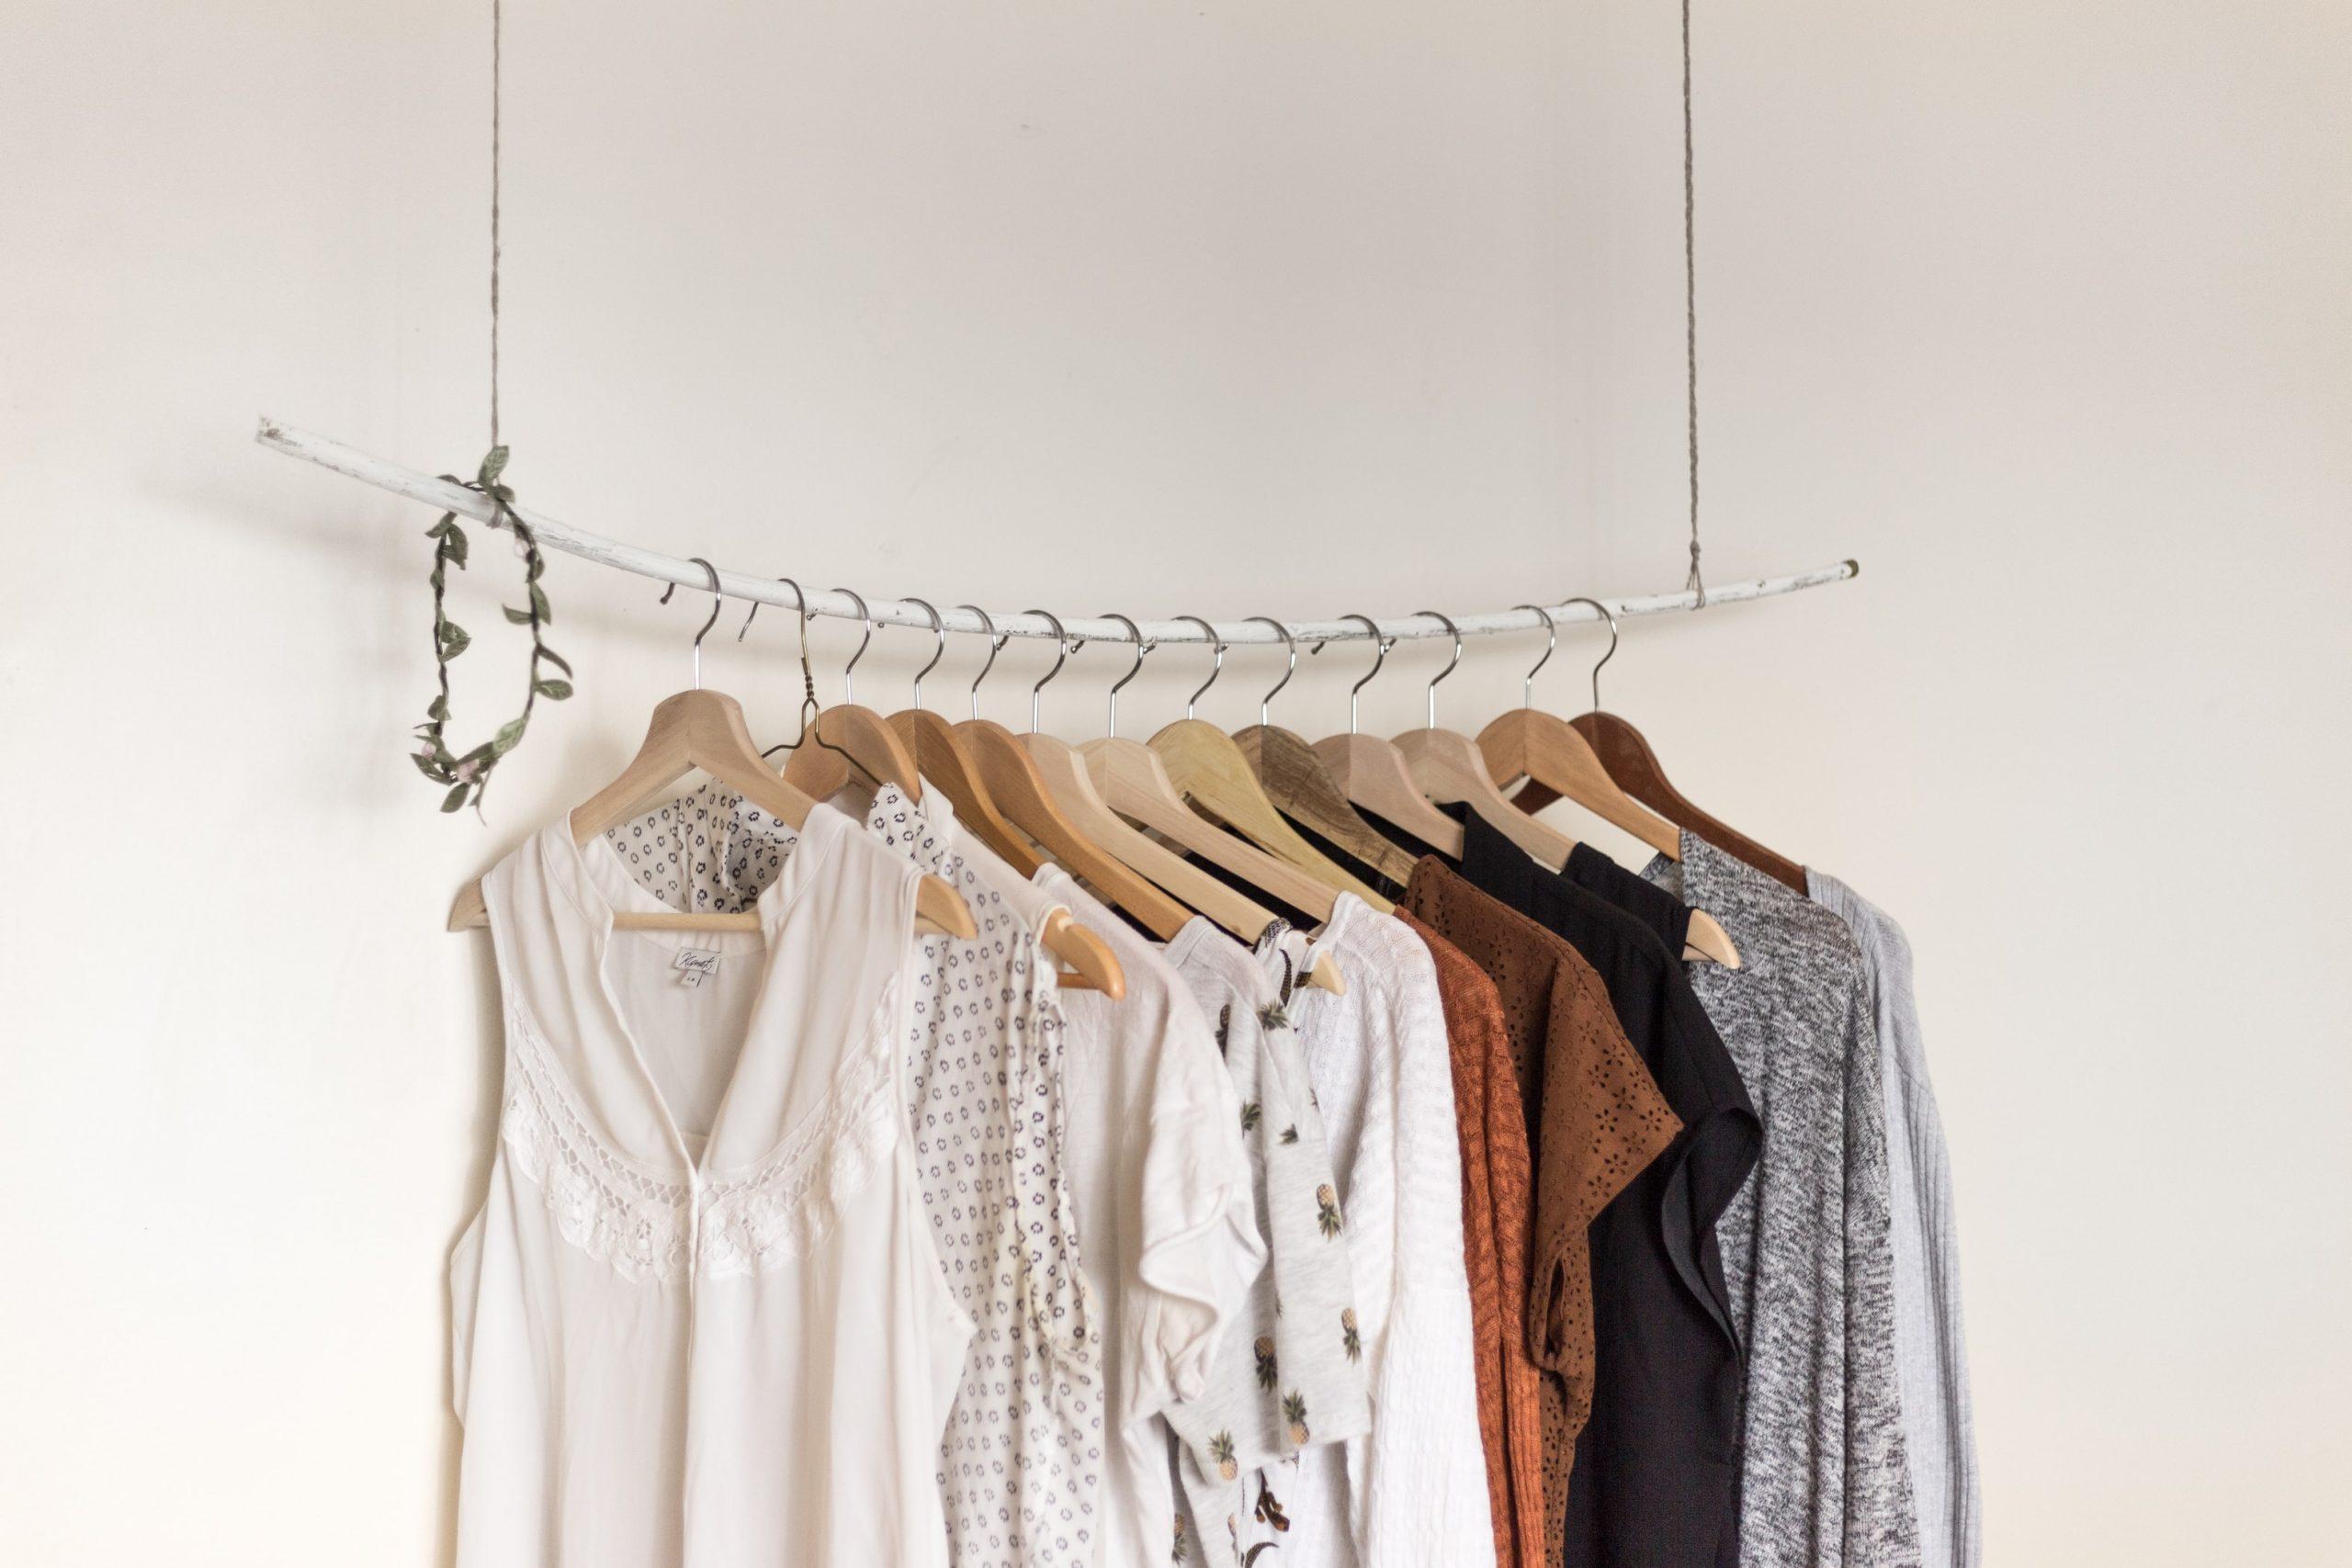 Pourquoi privilégier les marques de vêtements éthiques ?